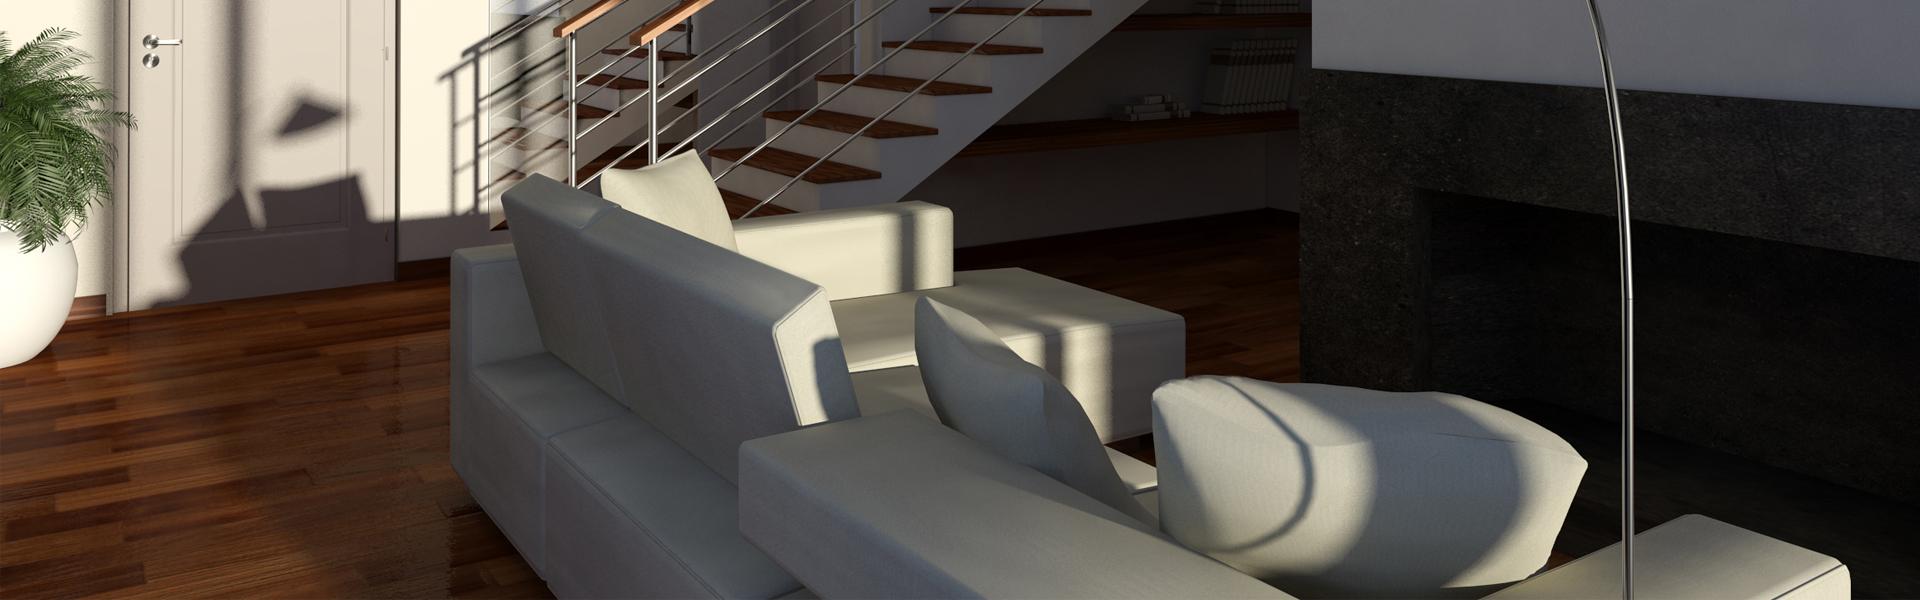 Corso 3ds Max – Architettura & Design - Formazione Grafica 3D AAP Studio – Napoli